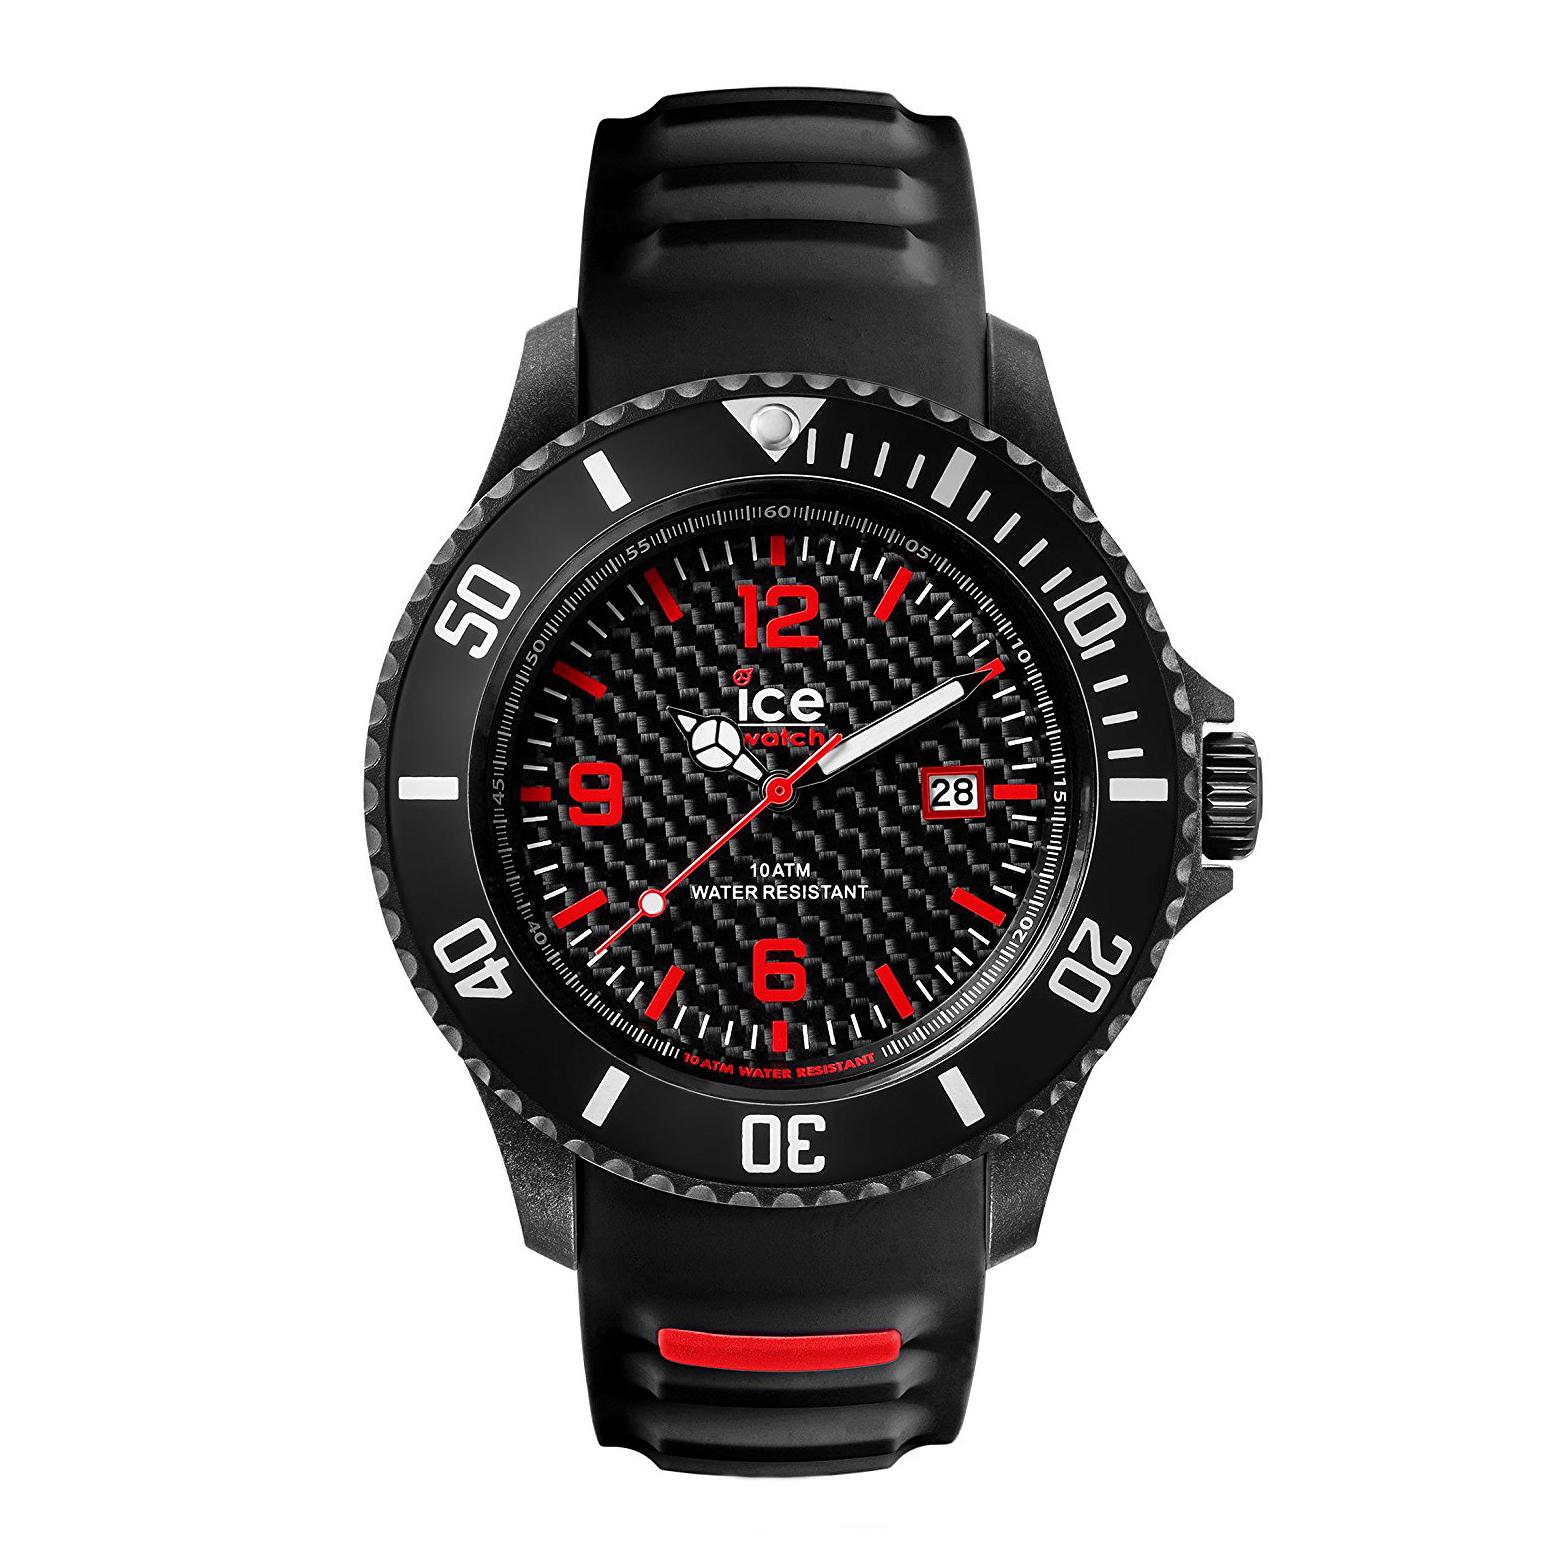 ساعت مچی عقربه ای مردانه آیس واچ مدل Ca.3h.bk.b.s.15